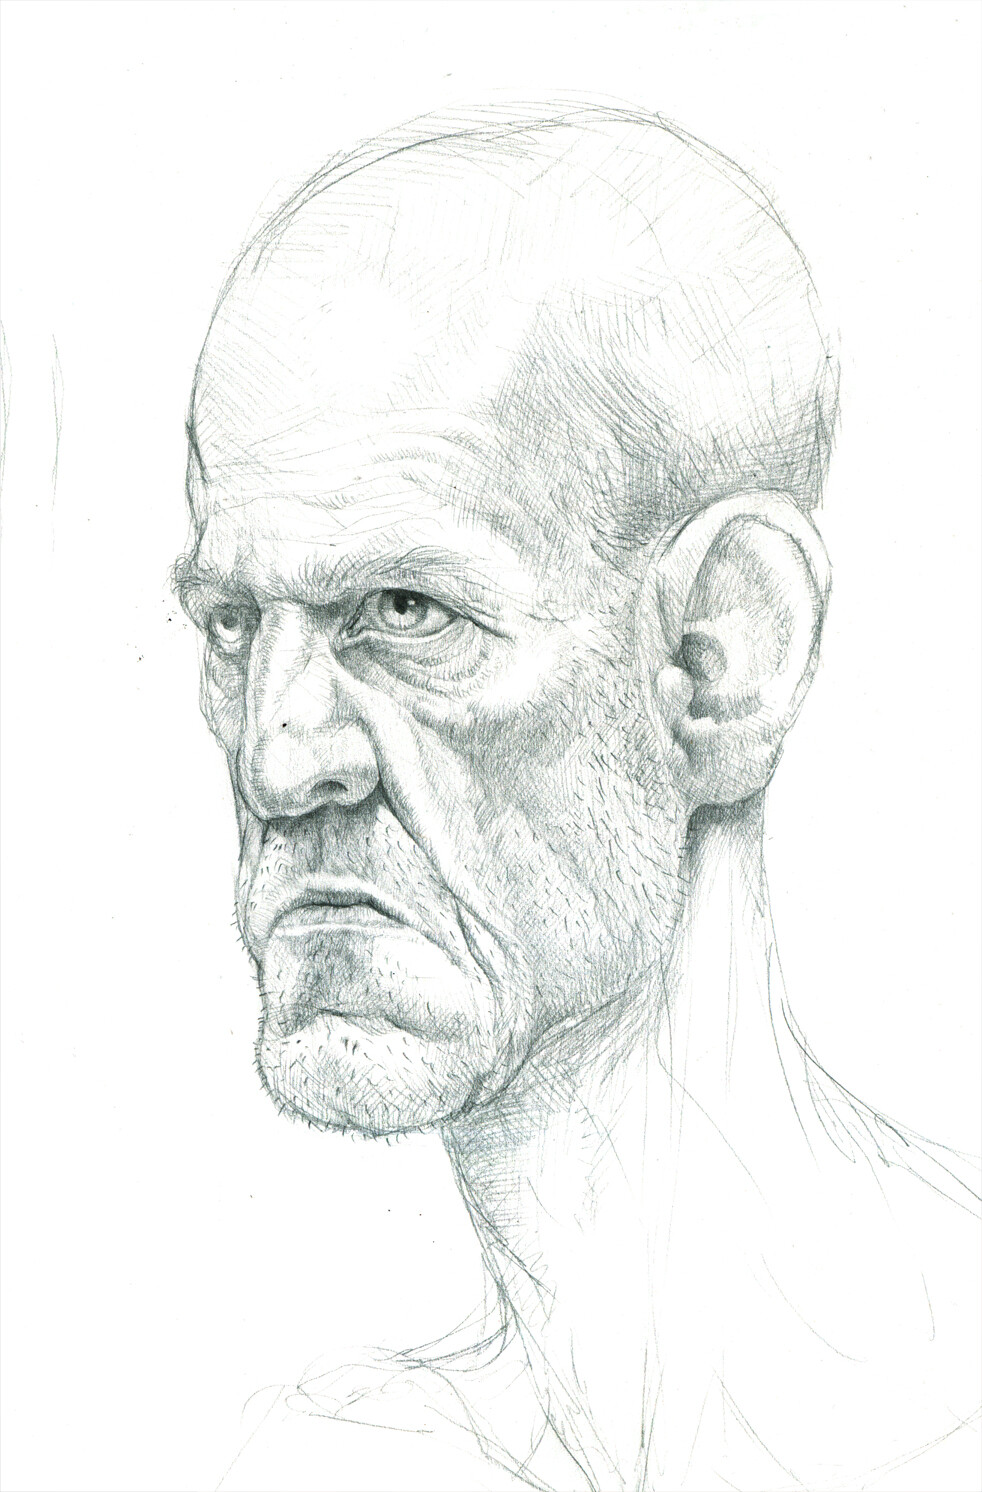 William furneaux hex sketch